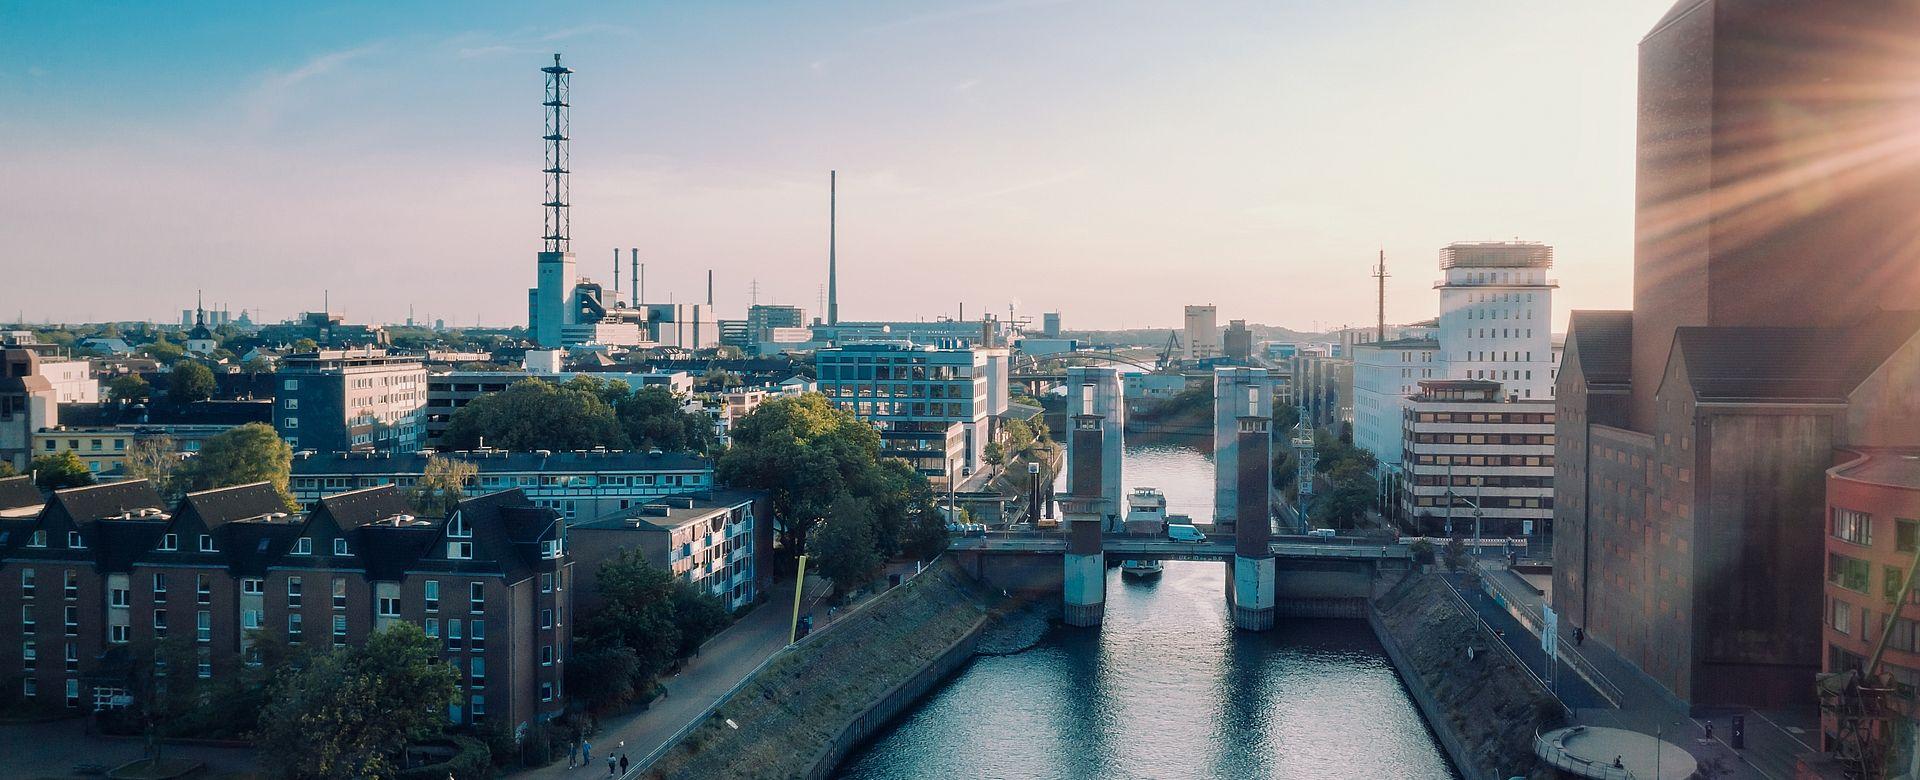 Hauptuhren, Digital- und Analoguhren für Stadtwerke und öffentliche Verwaltungen Genaue Zeitsynchronisation sowie auch eine korrekte Zeitanzeige ist für Stadtwerken, Verwaltungen, Energieversorgungen aber auch in der Transport- und Verkehrsinfrastruktur äußerst wichtig.